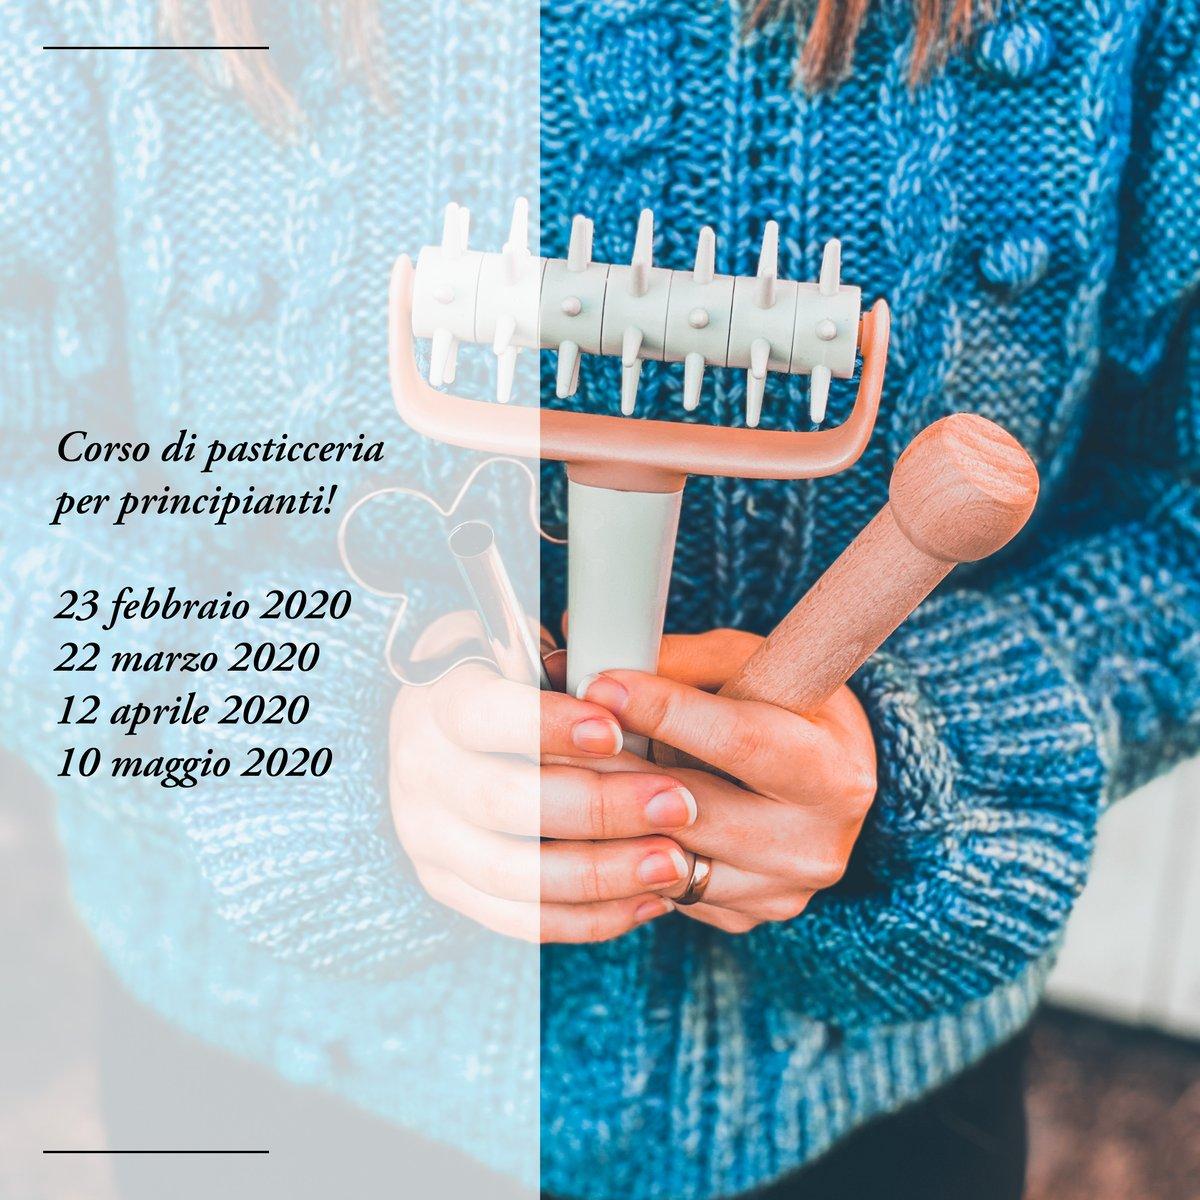 Image of Corso di pasticceria per principianti!